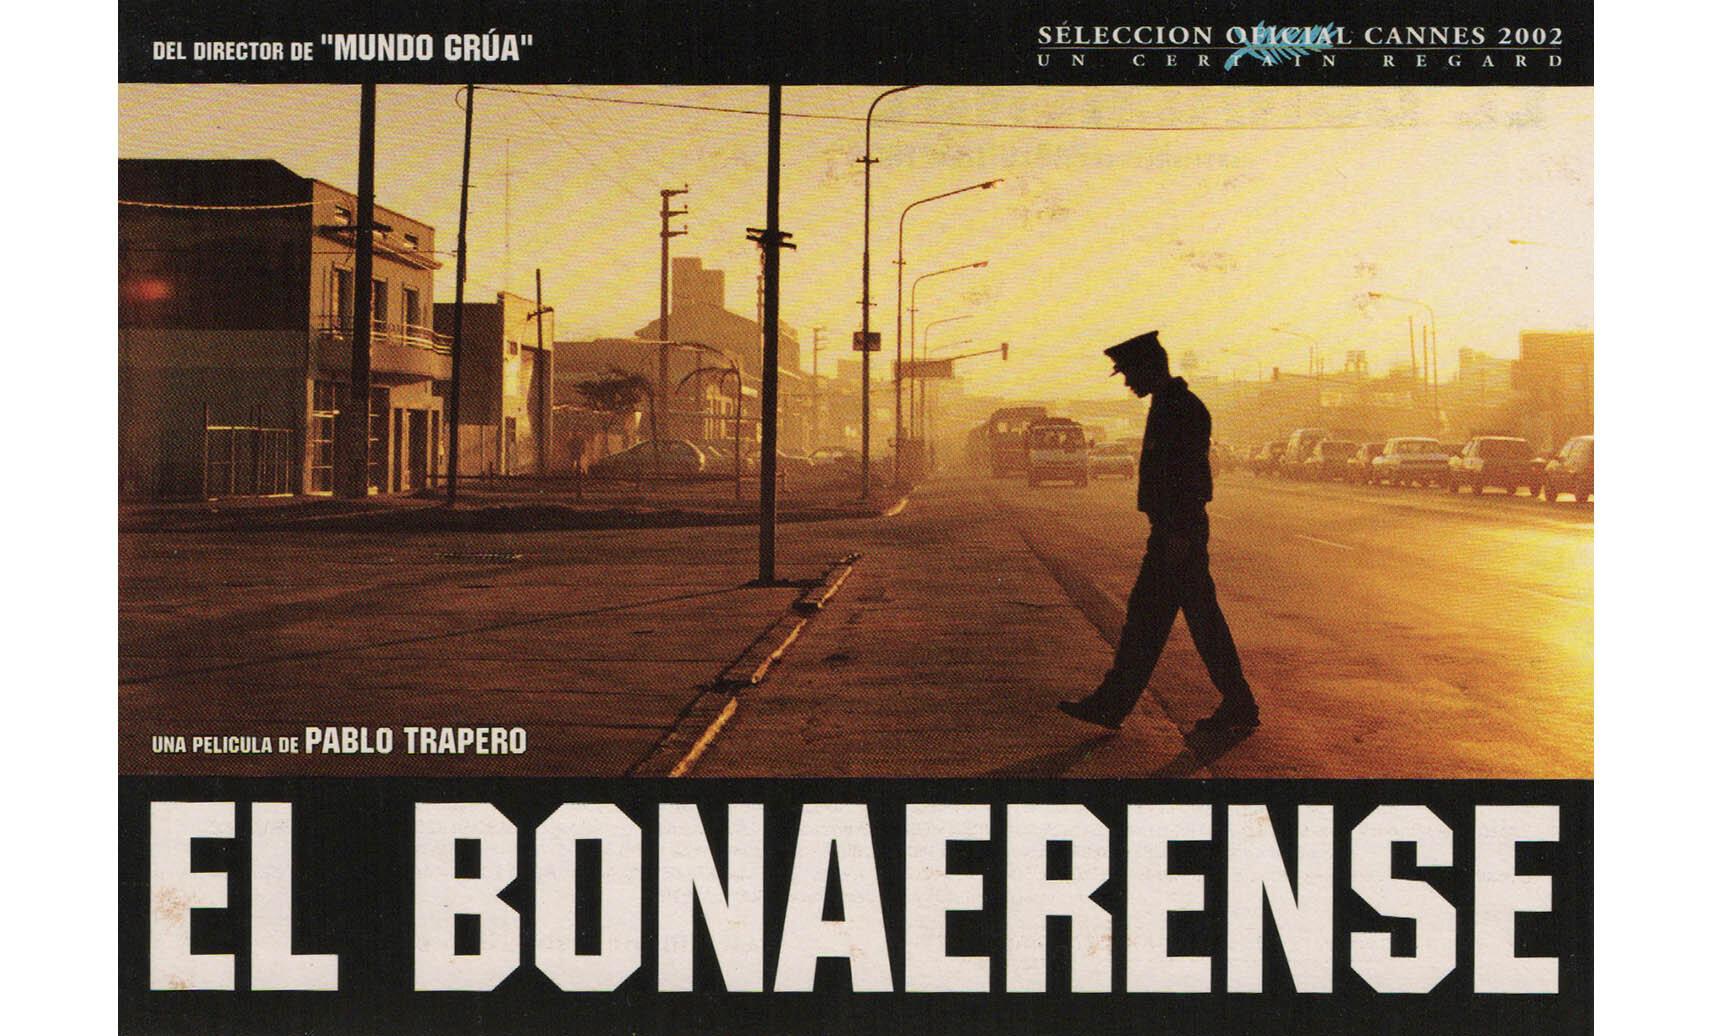 10 El bonaerense (Pablo Trapero).jpg